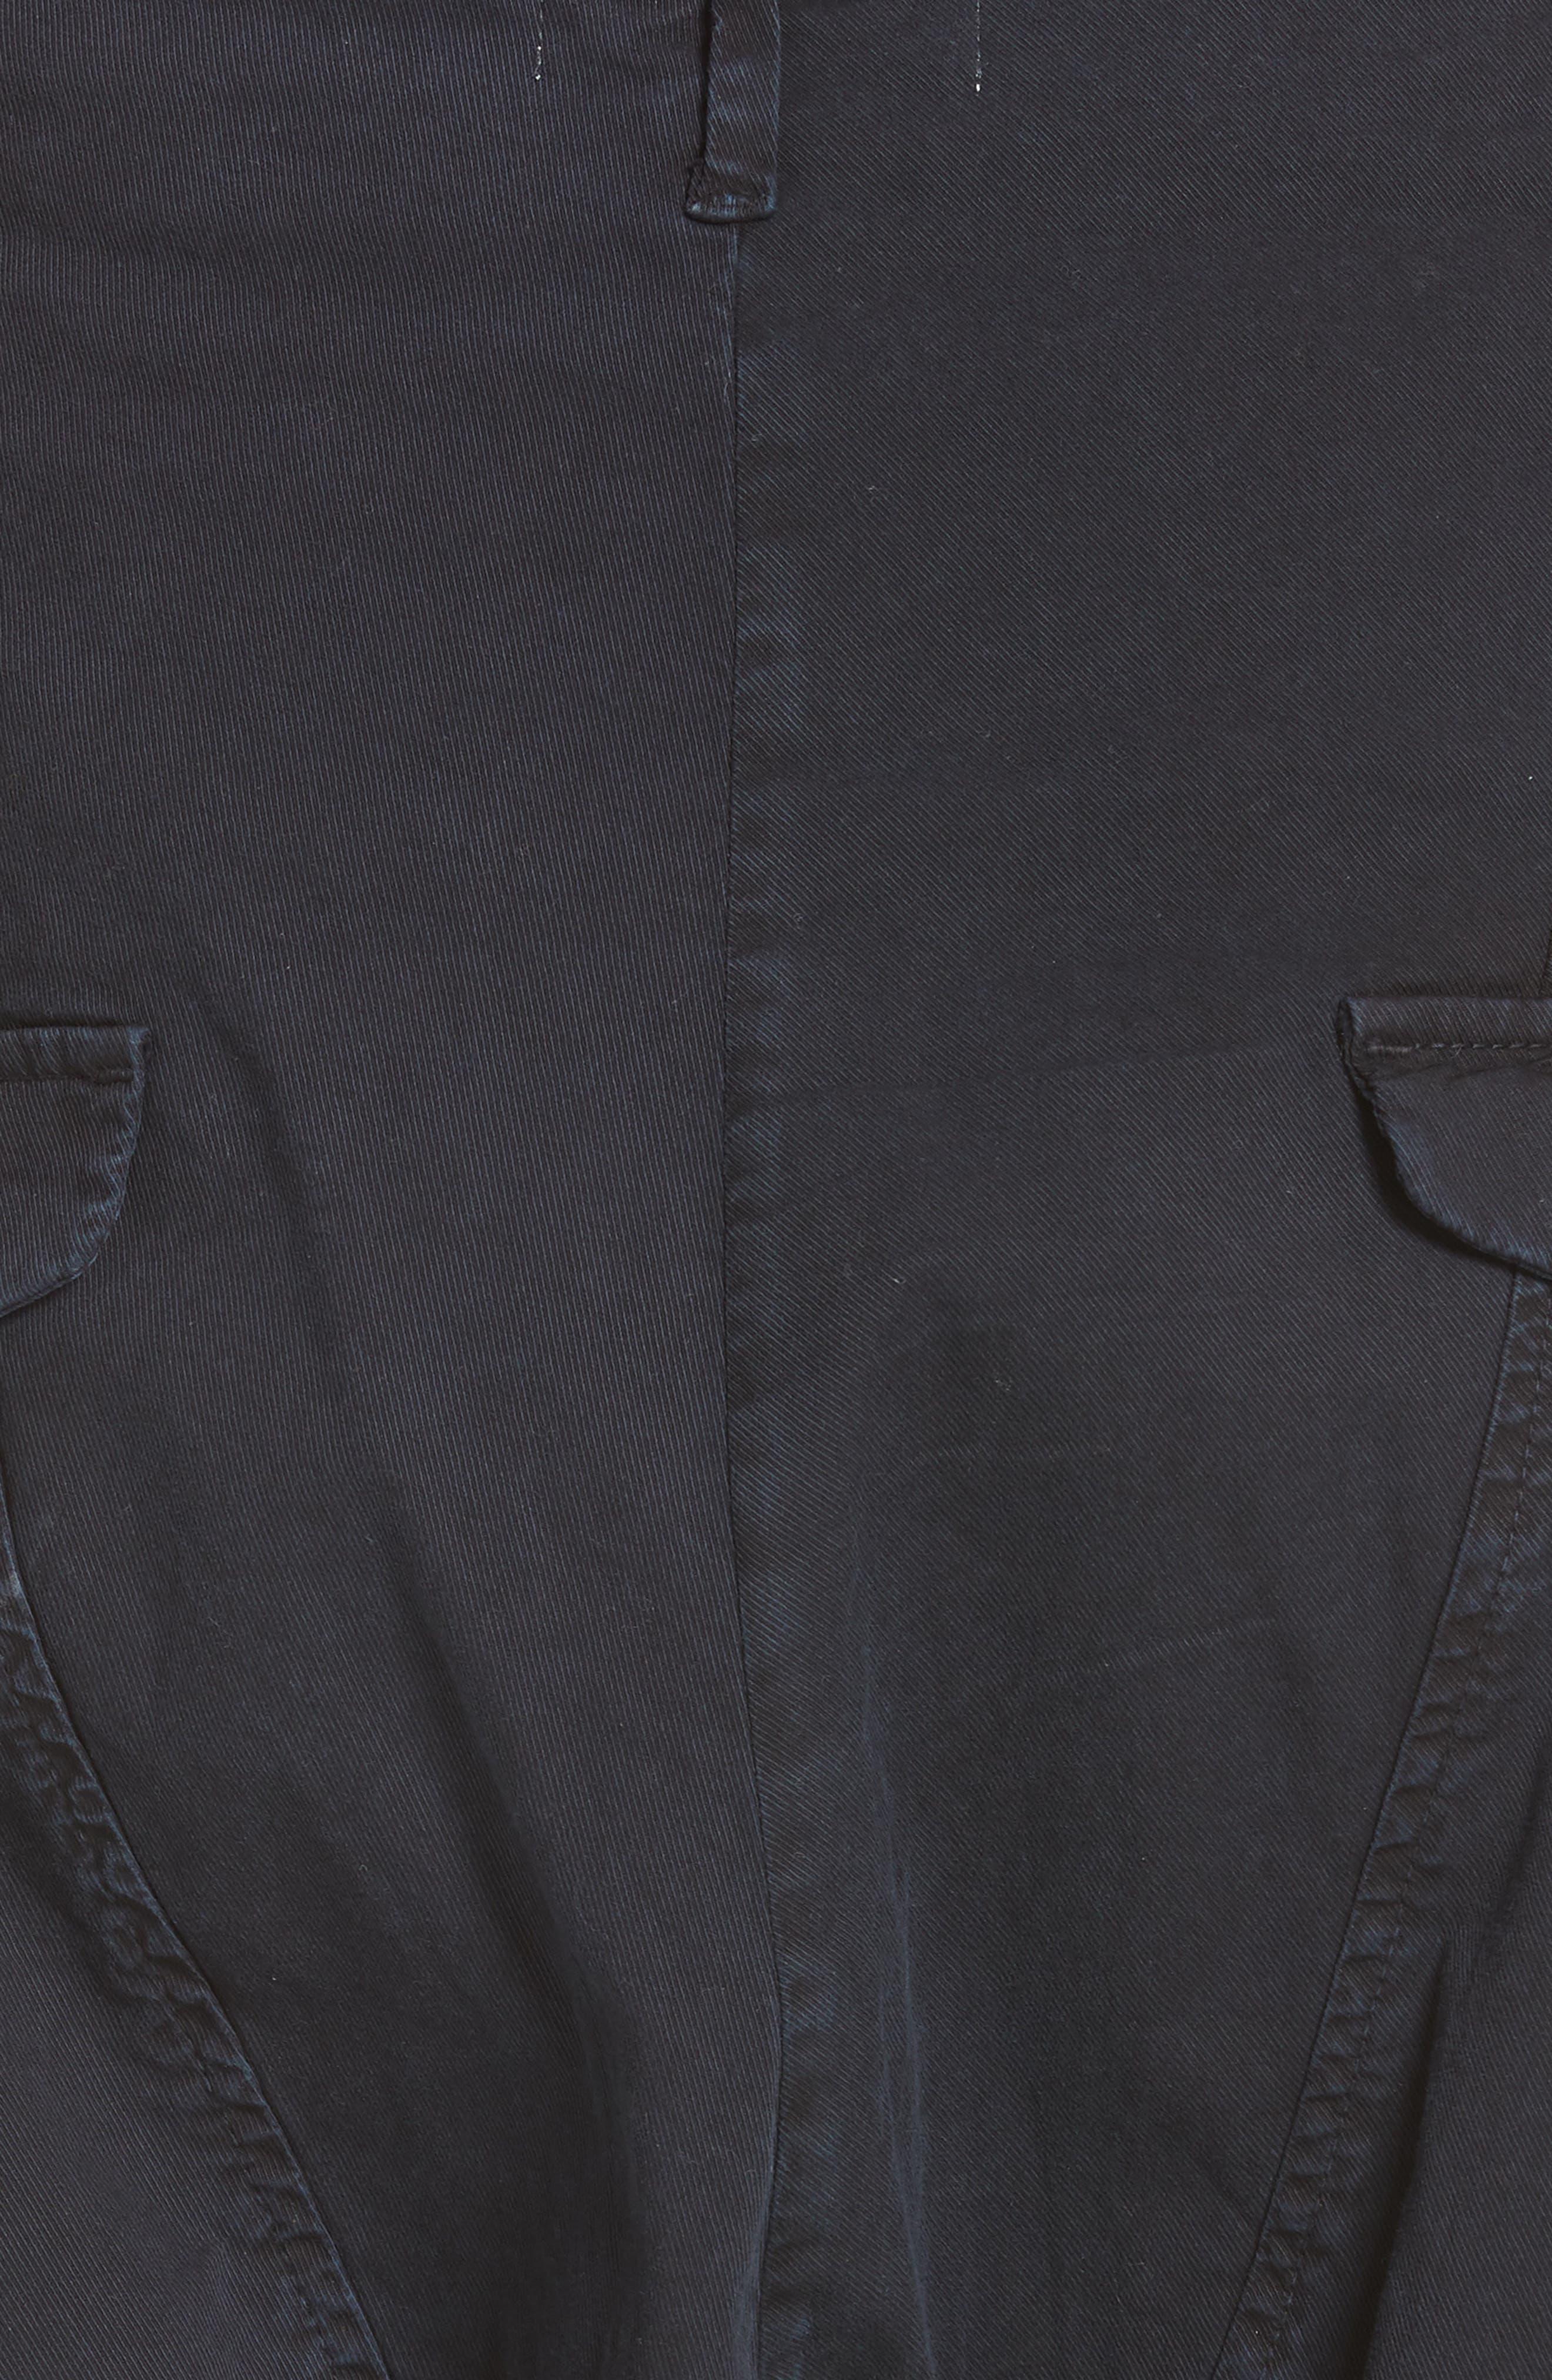 Paris Pants,                             Alternate thumbnail 5, color,                             410